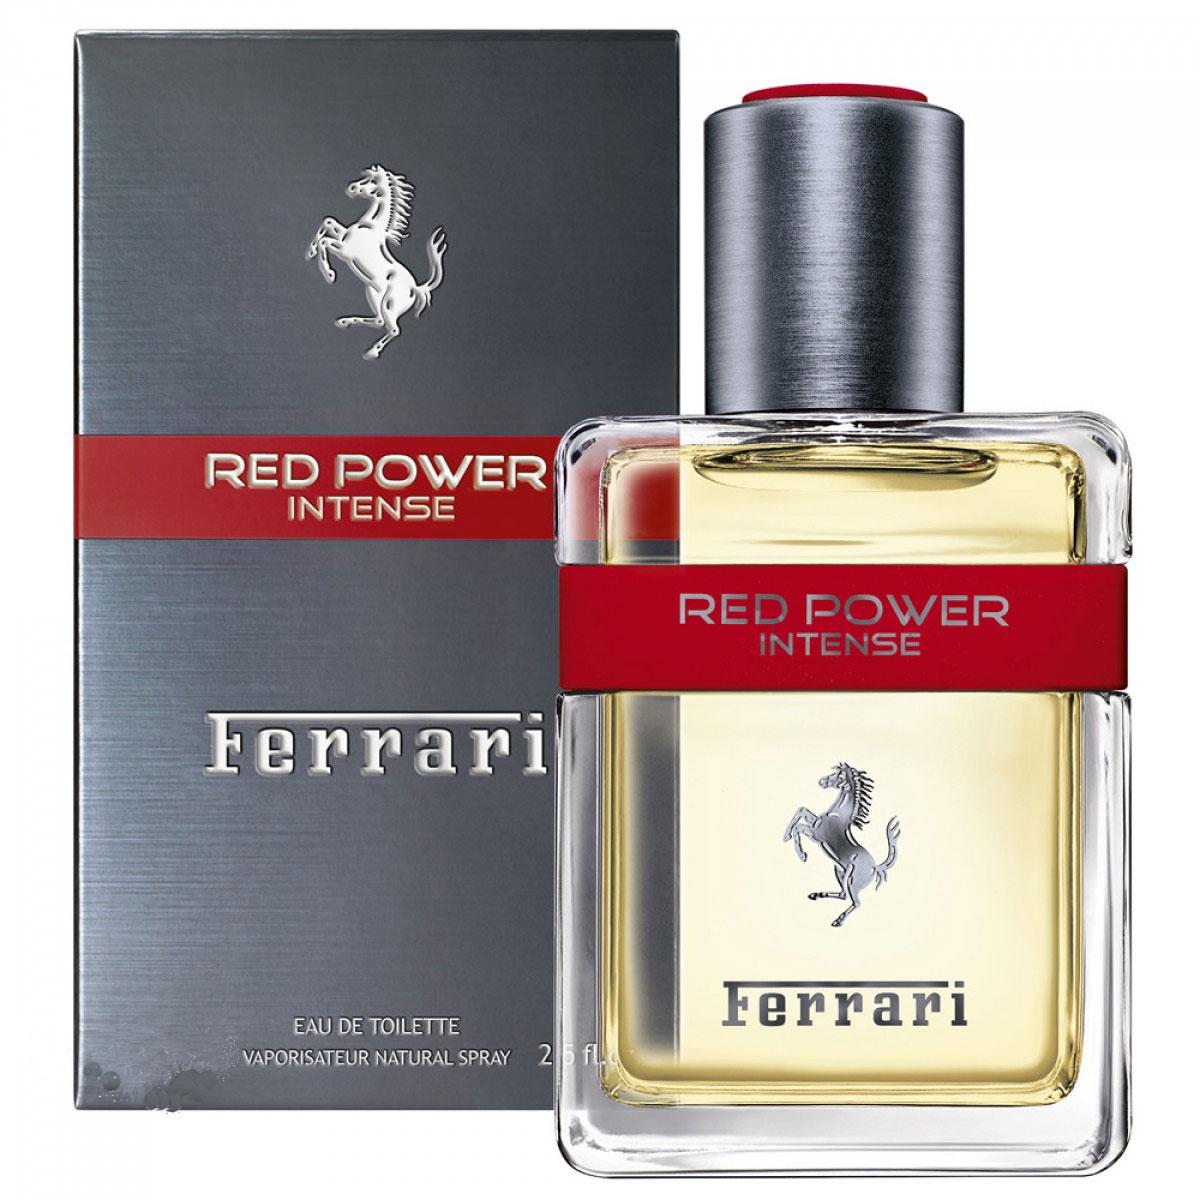 Ferrari Туалетная вода  RED POWER INTENSE мужская, 40 мл67000286Red Power Intense Ferrari - это аромат для мужчин, принадлежит к группе ароматов древесные фужерные. Это новый аромат, Red Power Intense выпущен в 2014. Верхние ноты: мускатный орех, красный перец и Лист фиалки; ноты сердца: Лаванда и ирис; ноты базы: пачули, олибанум, дерево Агар и Амбра.